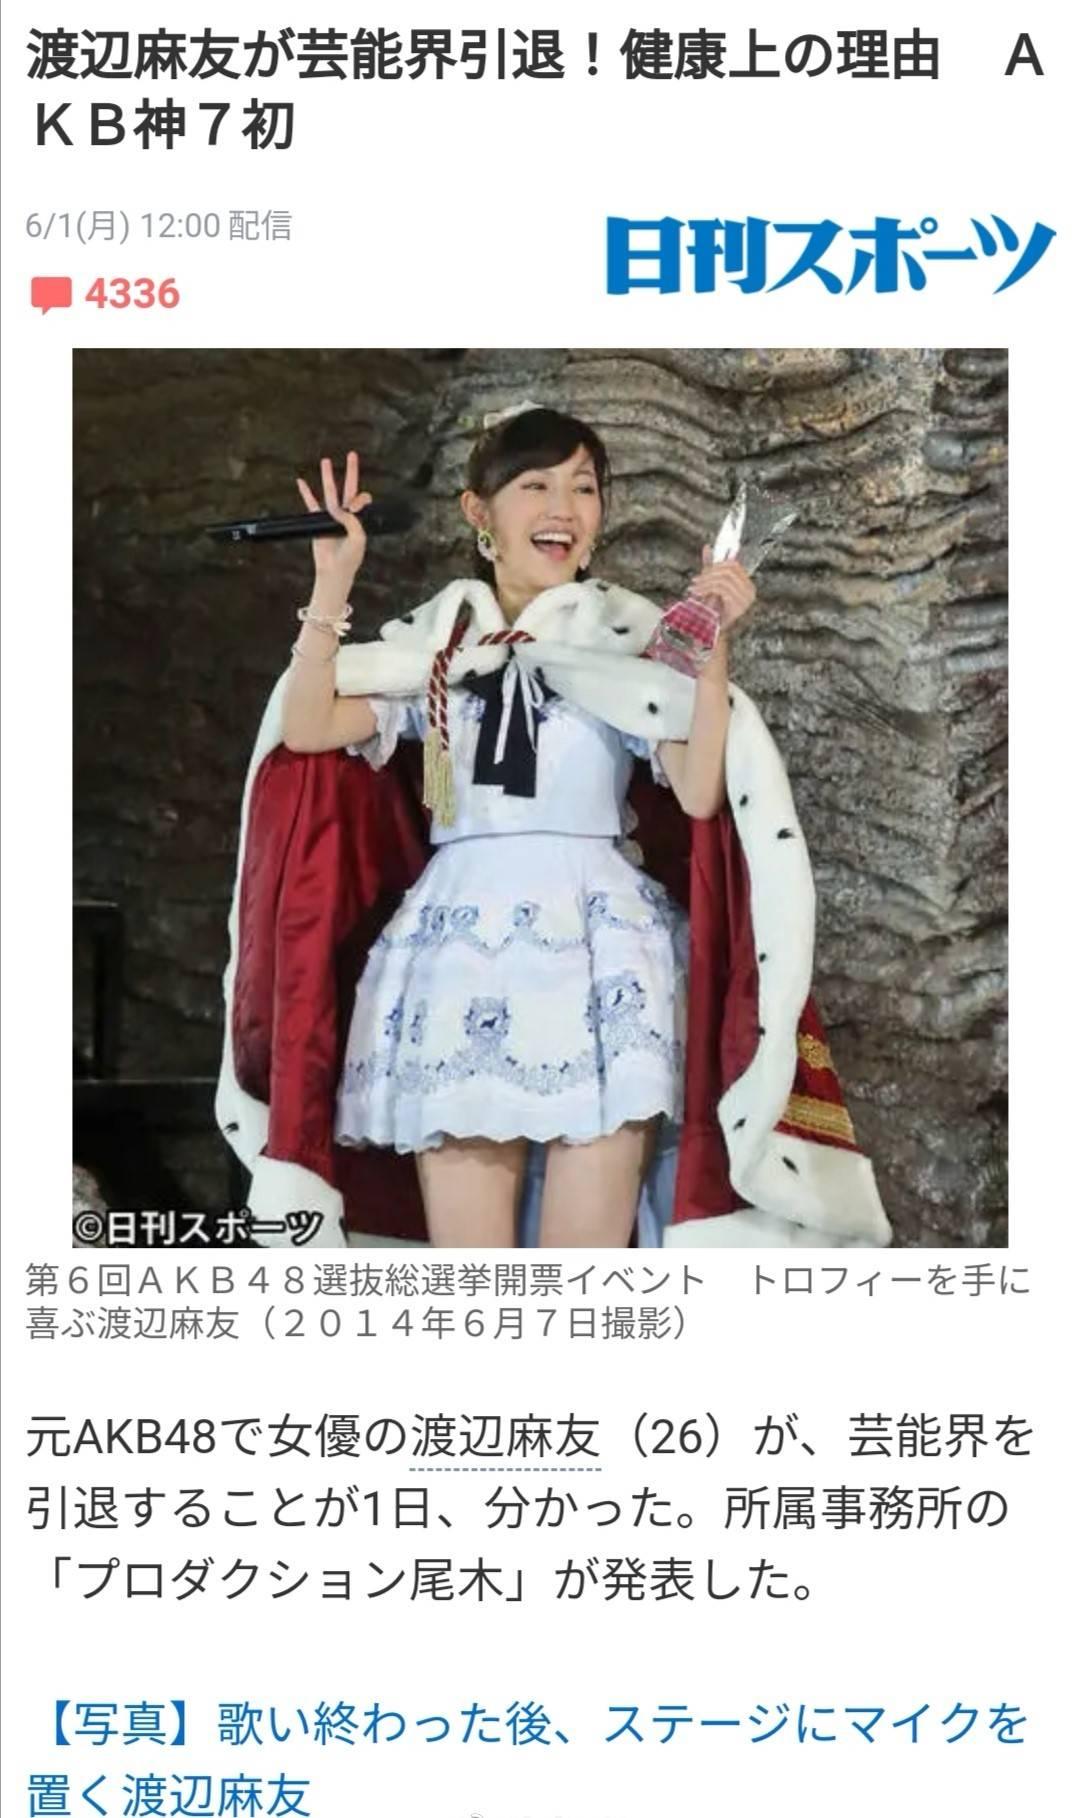 AKB48渡边麻友第五届猜拳大会2014年